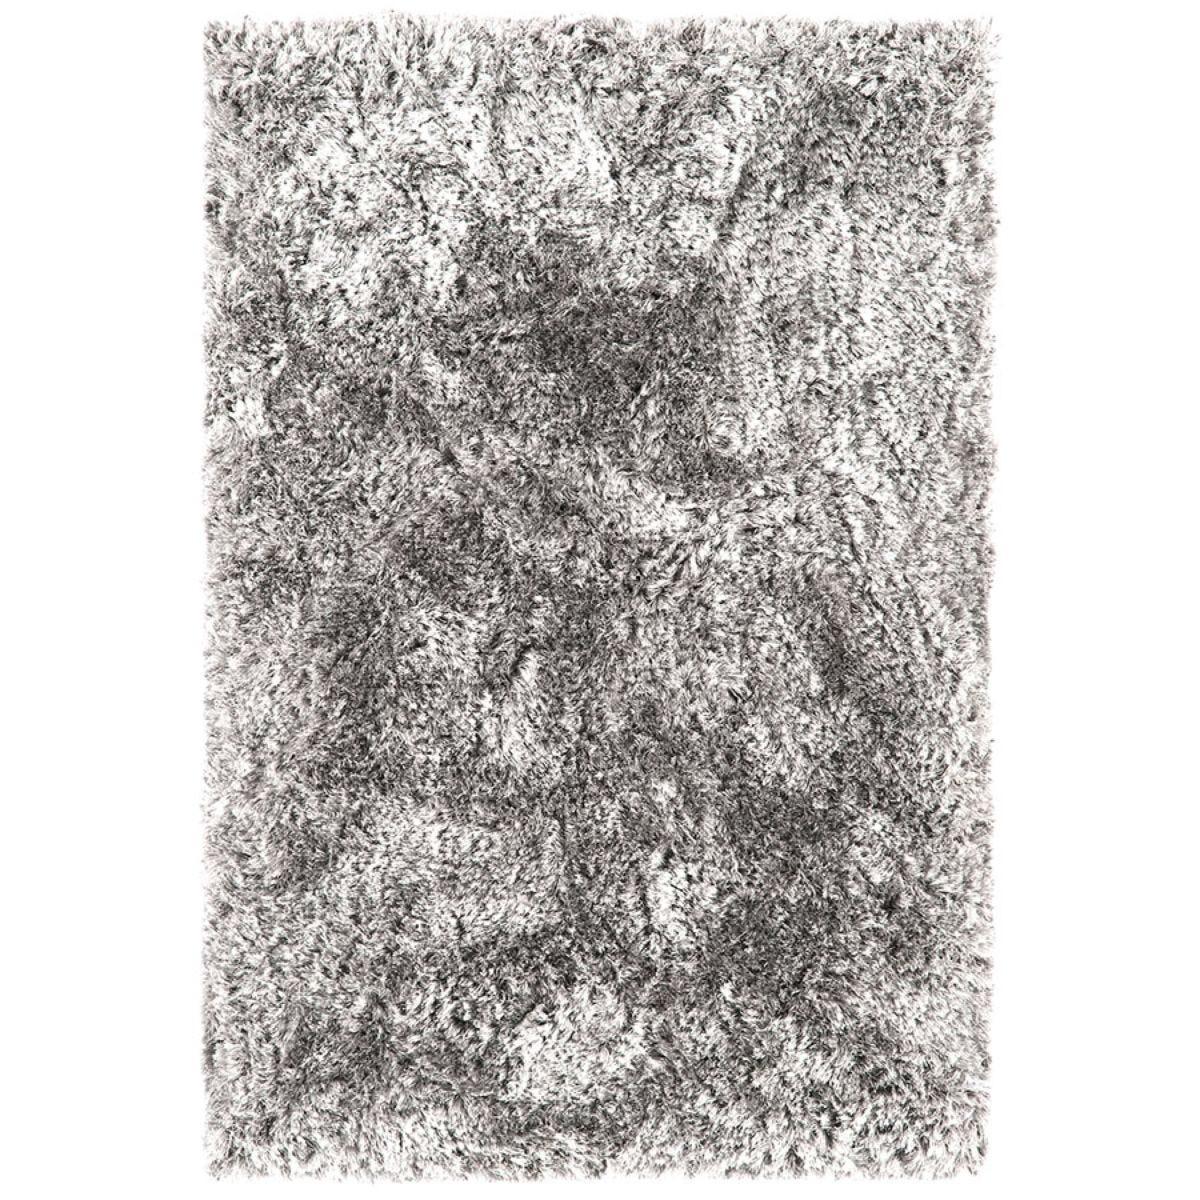 Asiatic Plush Shaggy Rug, 160 x 230cm - Silver